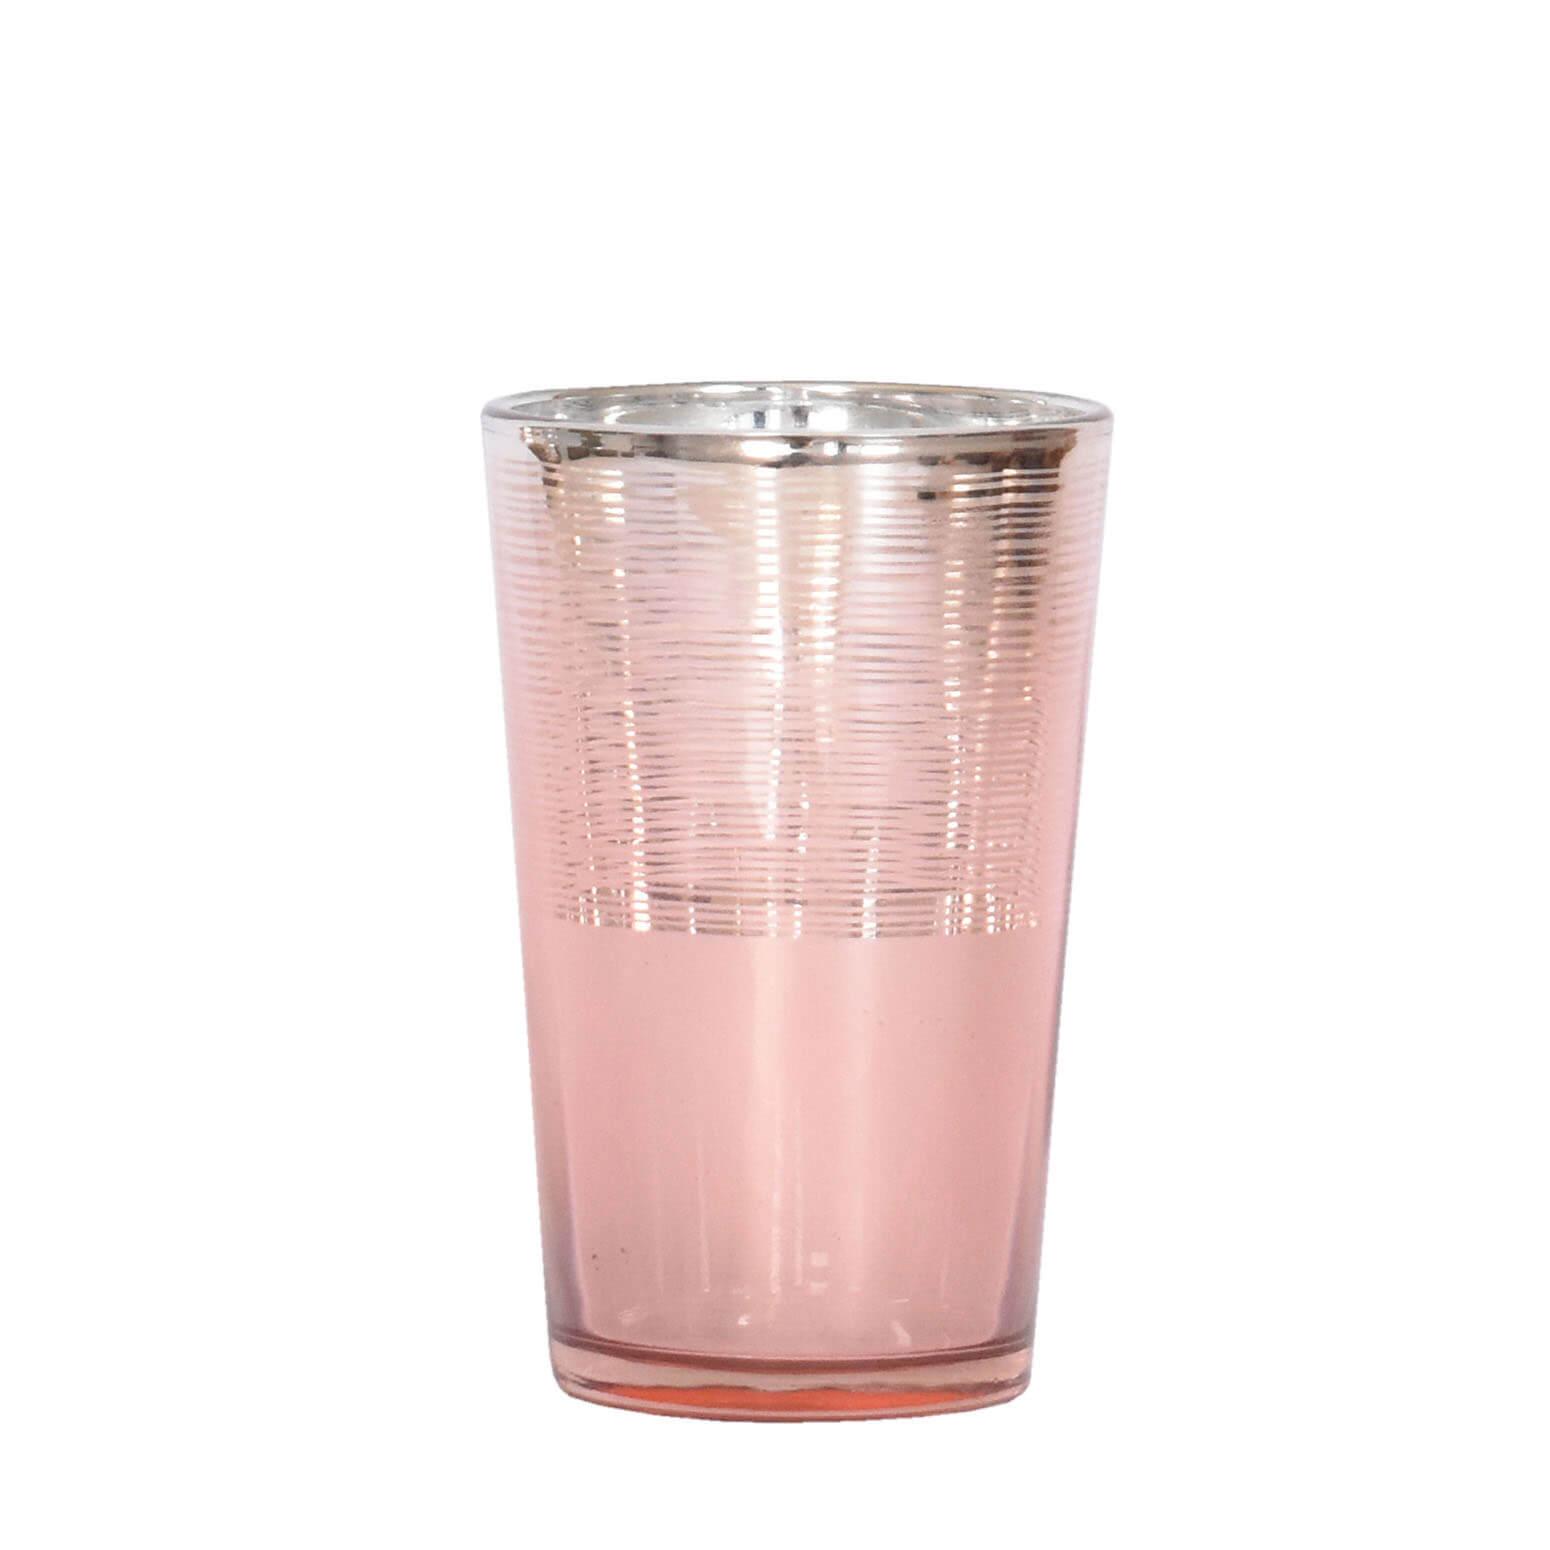 Vasinho Rosa Lumen Cone G 11 Cm